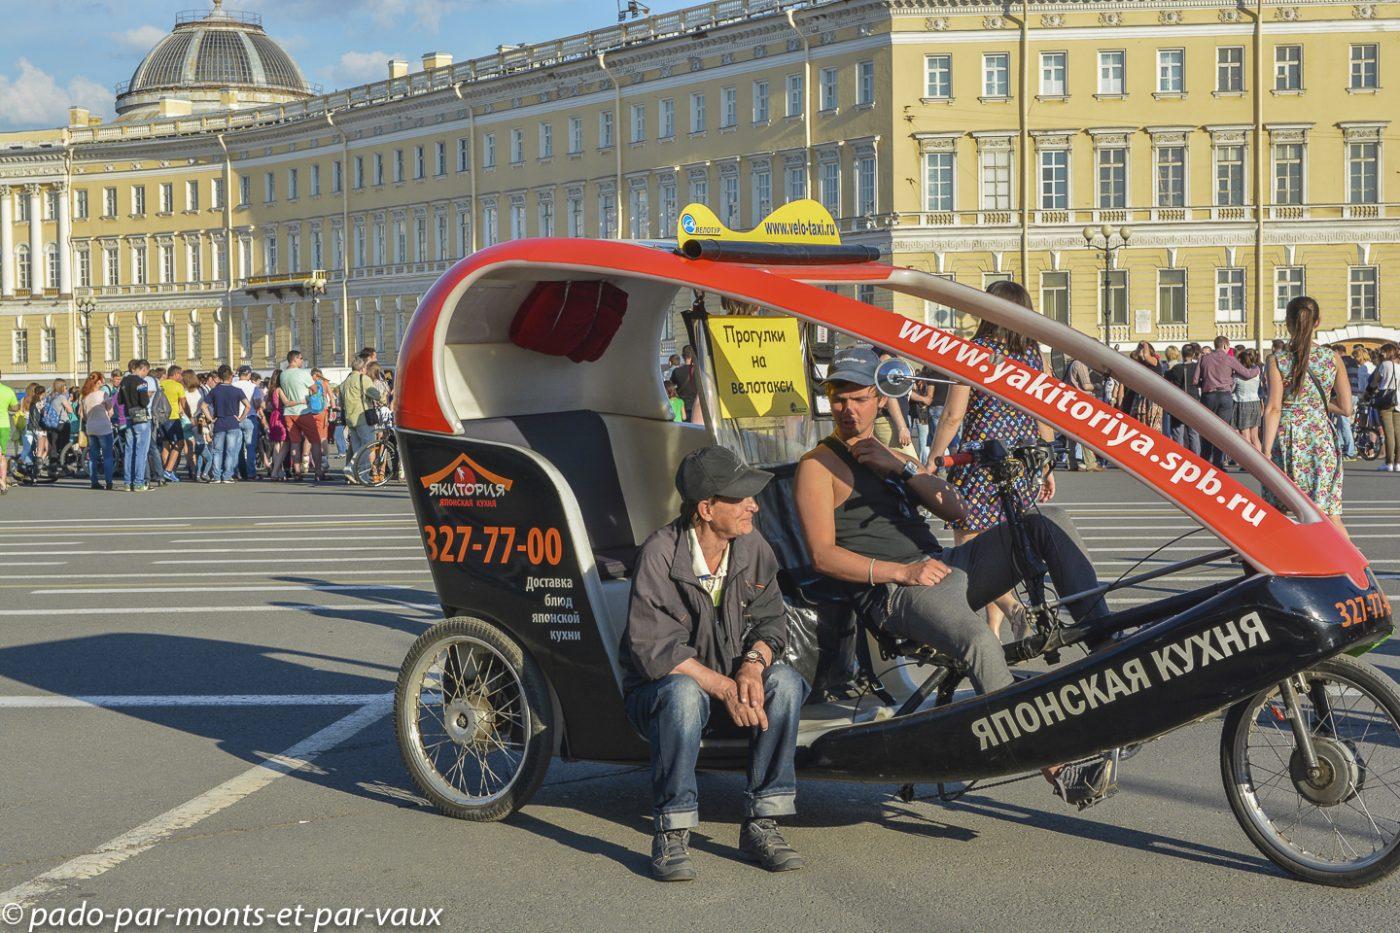 St Pétersbourg - Place du palais